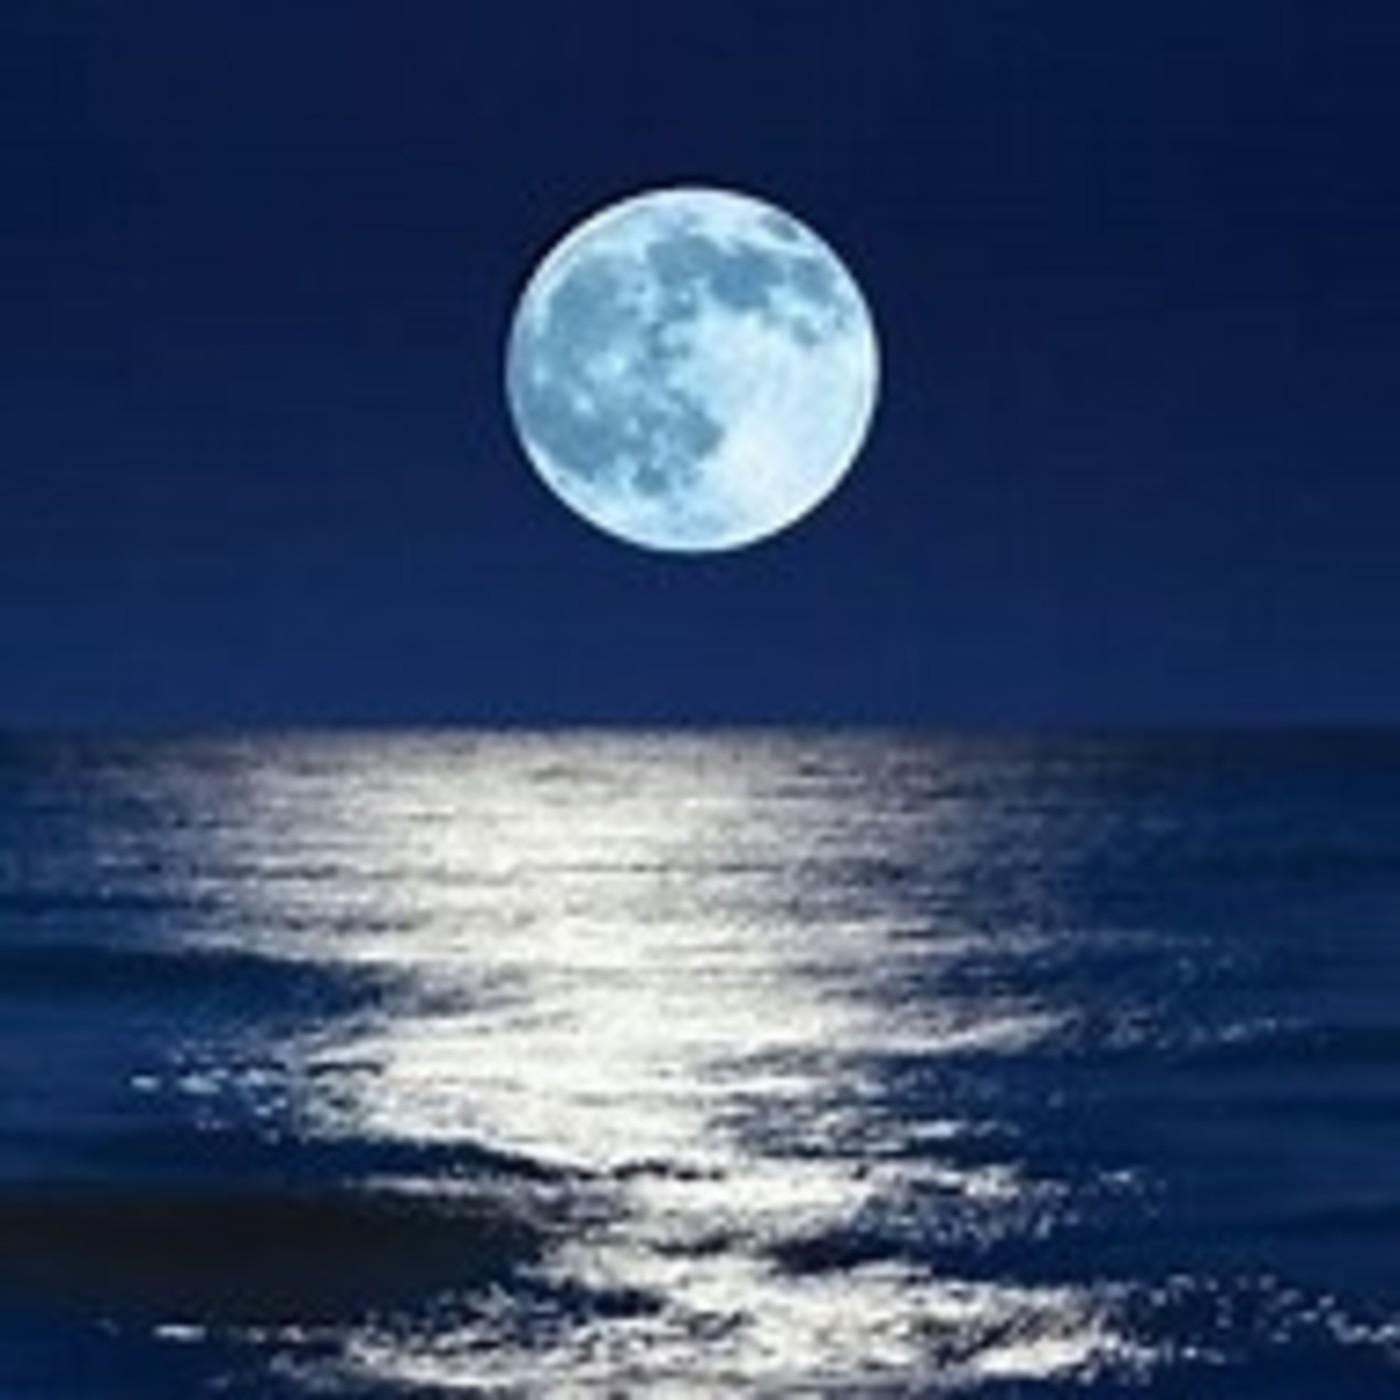 5. Meditación para dormir profundamente - Cuento: El árbol de las preocupaciones